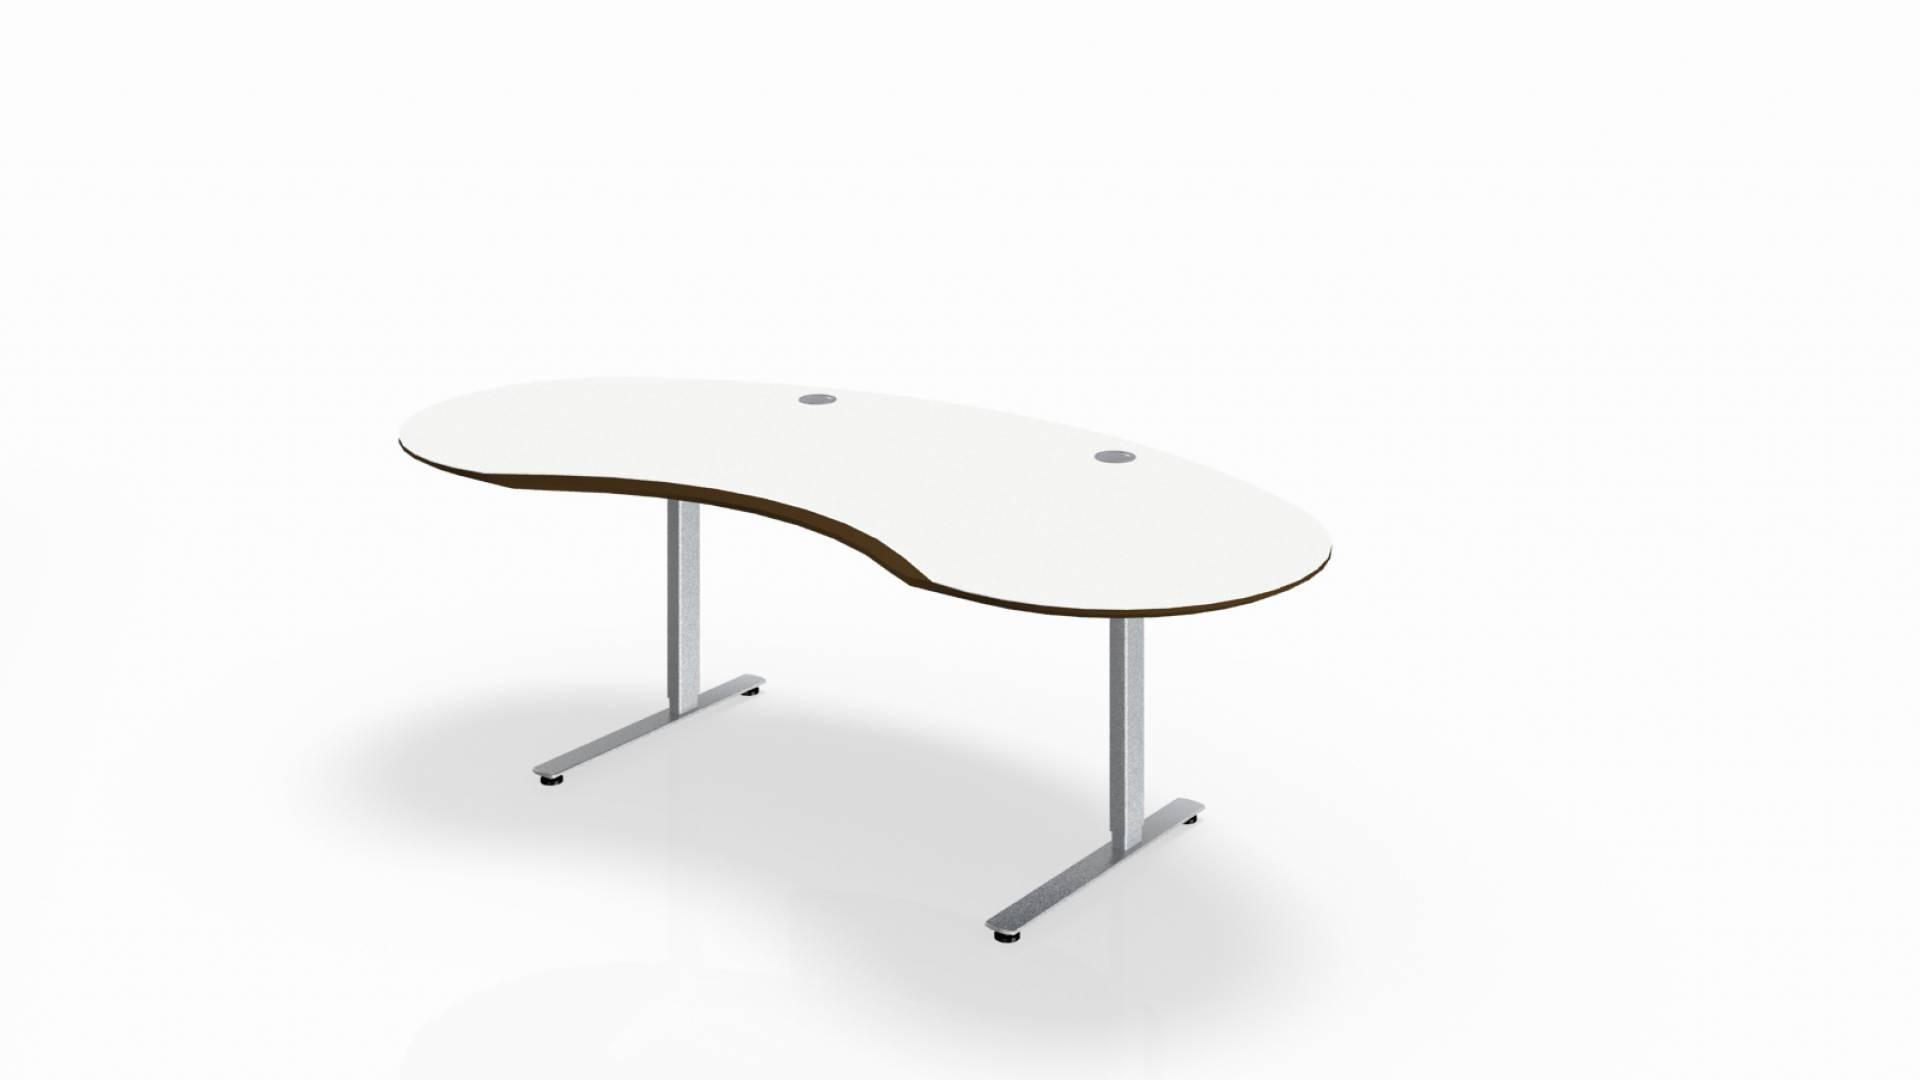 Steh sitz schreibtisch joker rund in dekor vital office for Schreibtisch rund